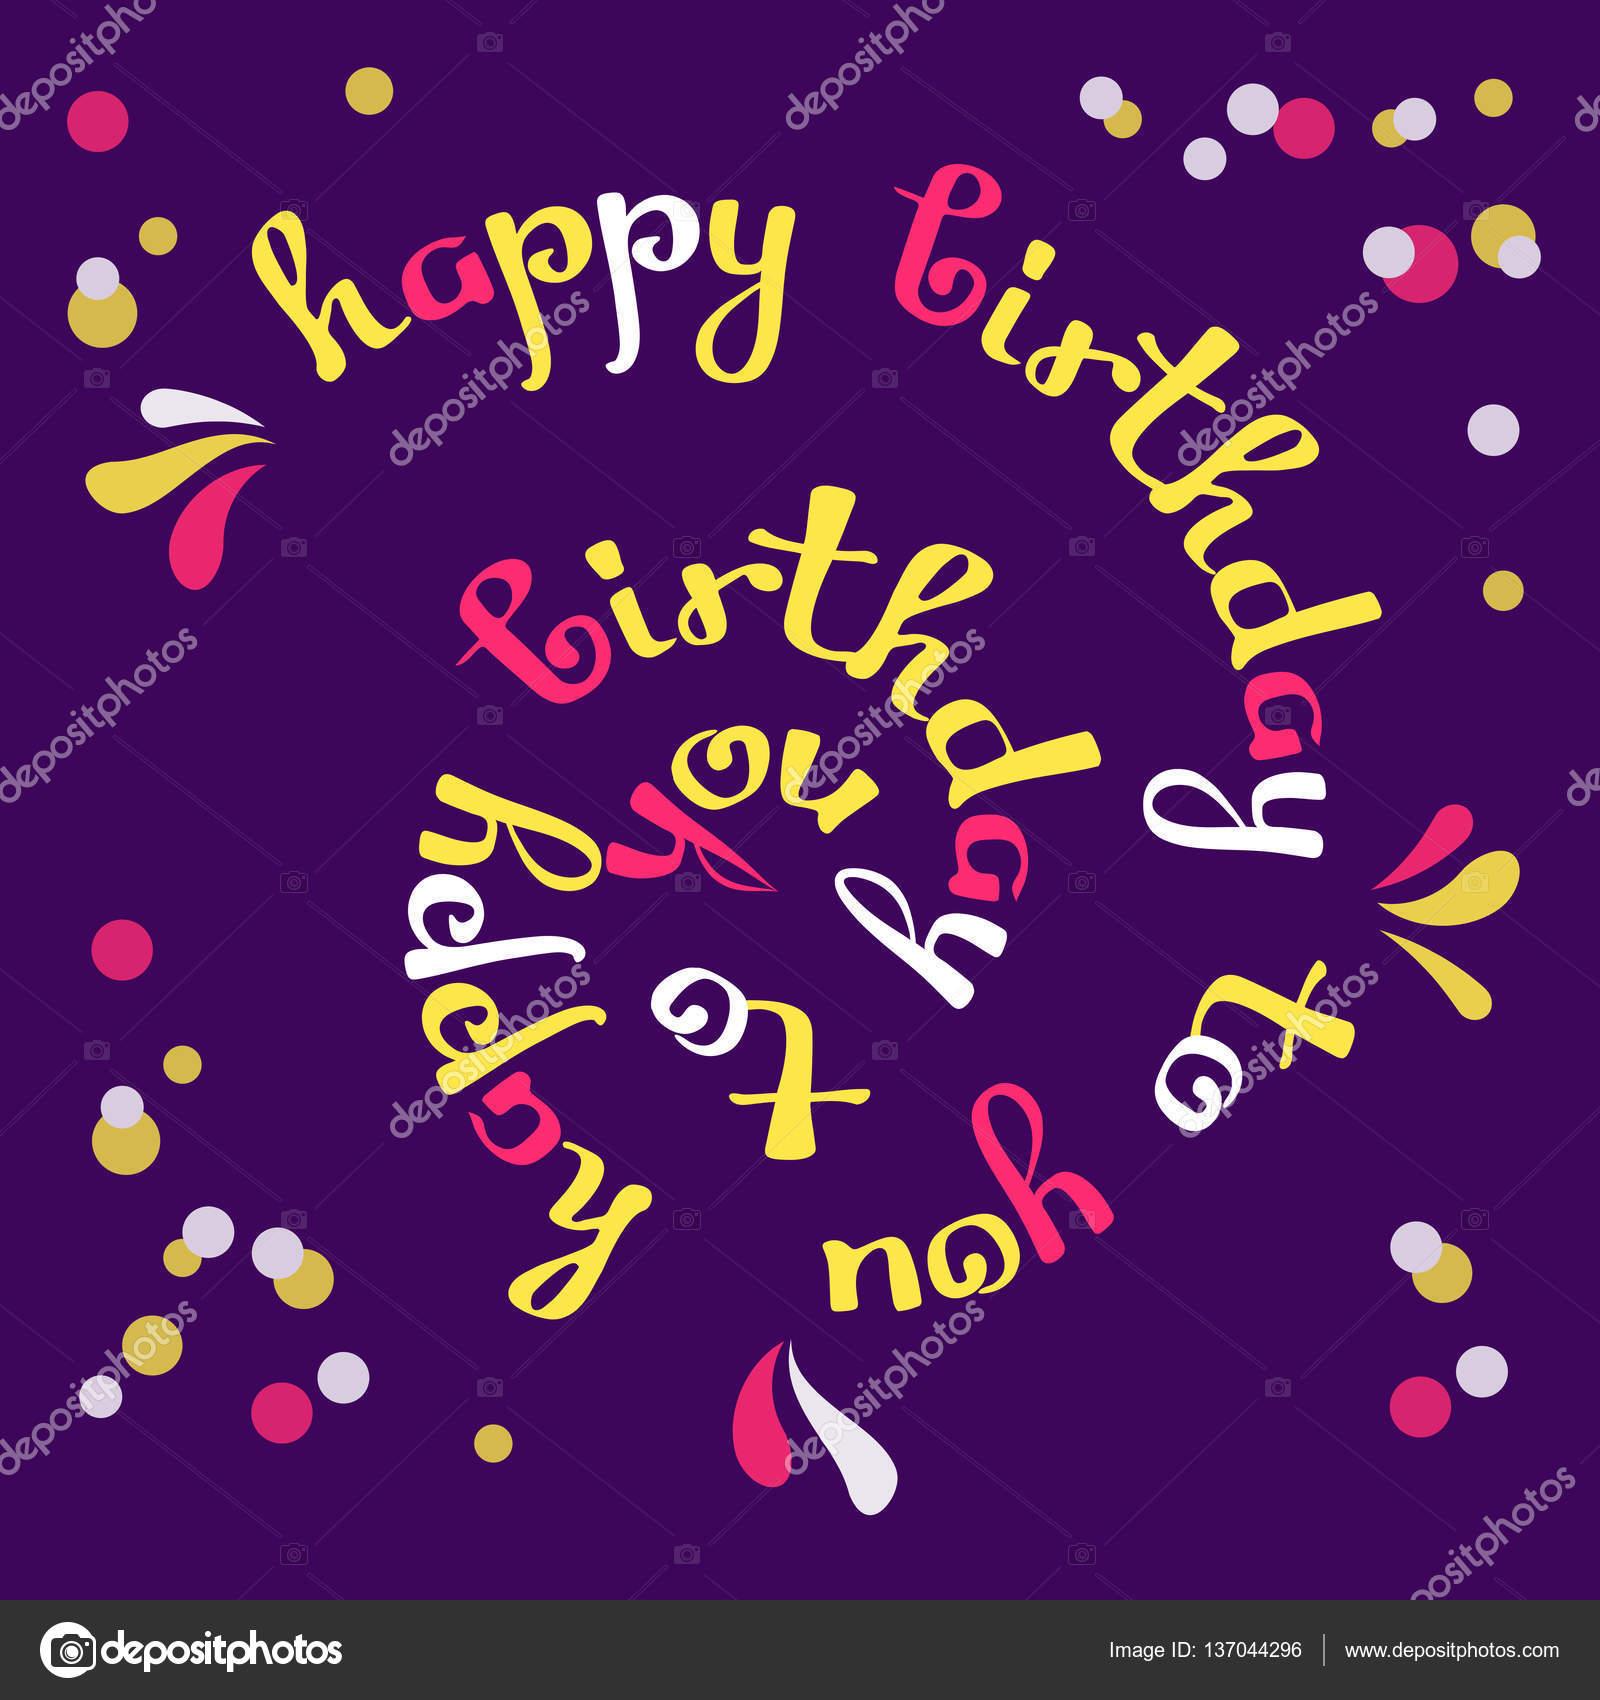 gefeliciteerd afbeelding downloaden Hartelijk gefeliciteerd met je verjaardag. wenskaart — Stockvector  gefeliciteerd afbeelding downloaden